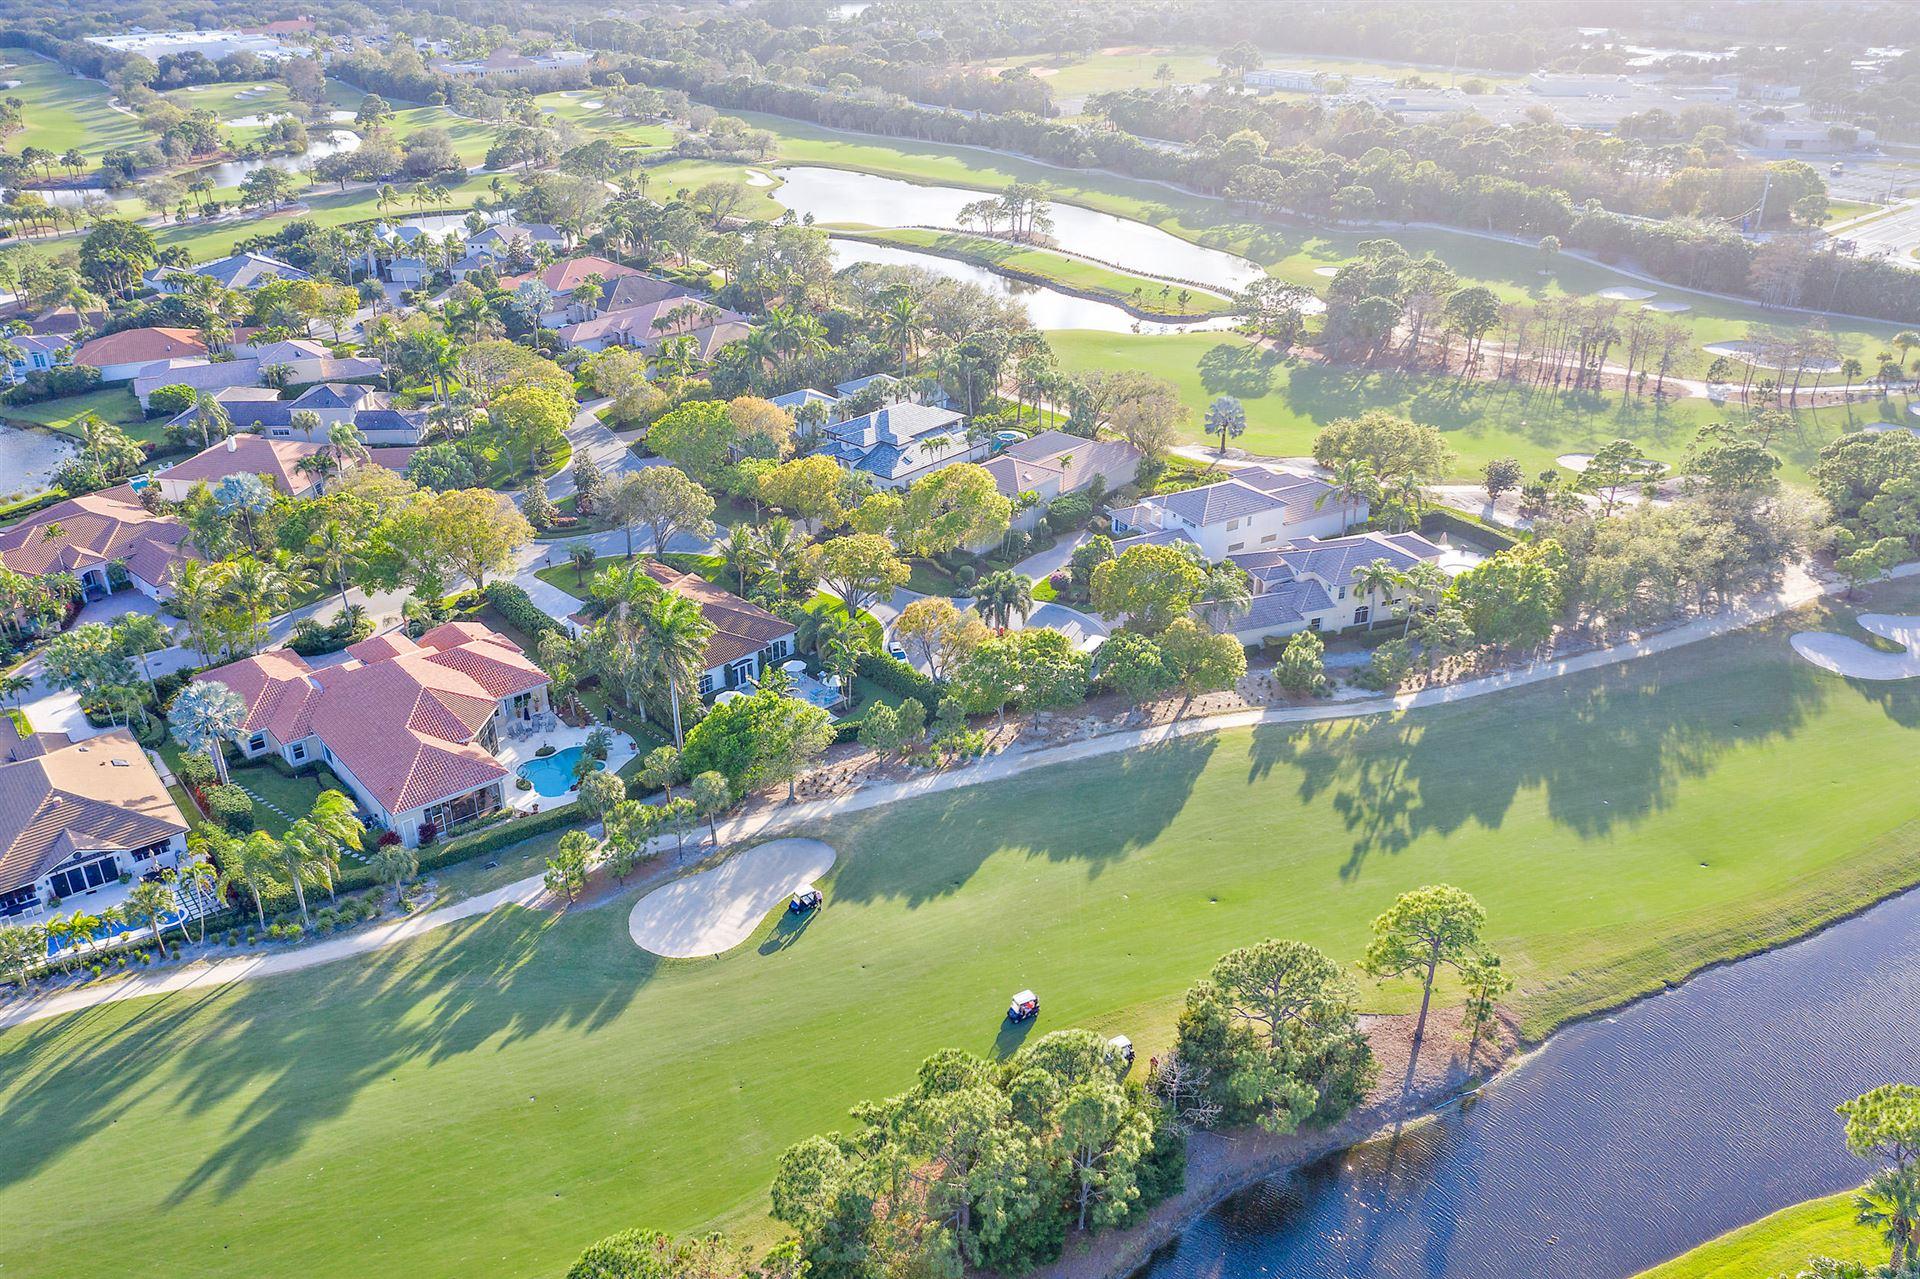 Photo of 132 W Village Way, Jupiter, FL 33458 (MLS # RX-10601102)